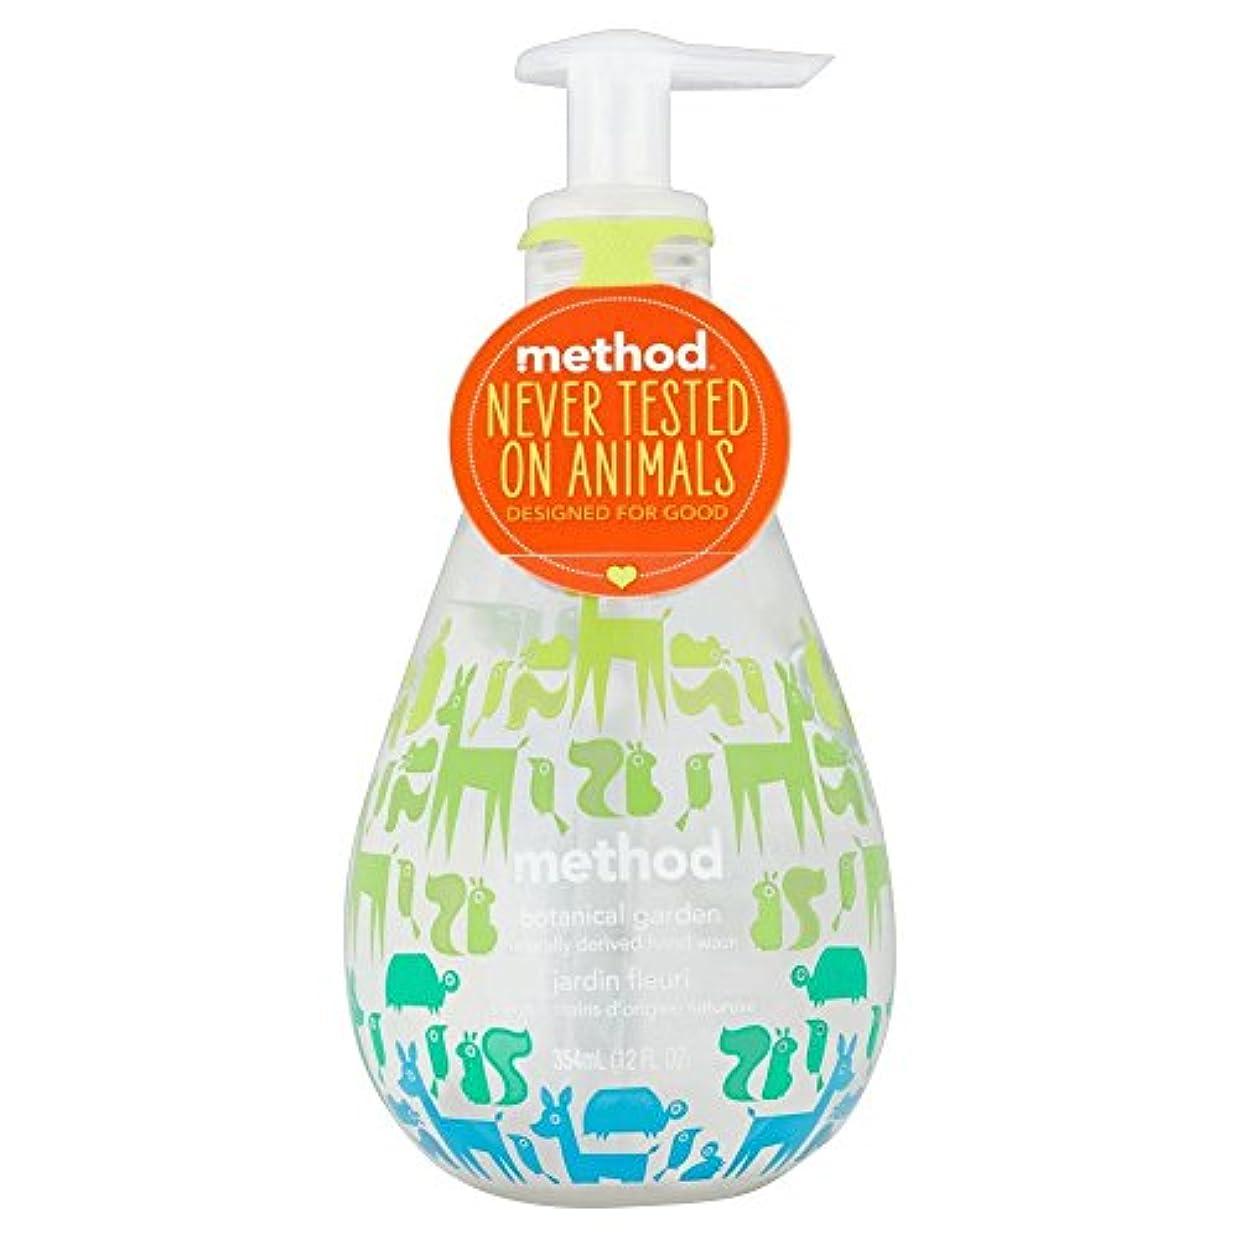 防腐剤夜混合Method Hand Wash - Botanical Garden (354ml) メソッドハンドウォッシュ - 植物園( 354ミリリットル) [並行輸入品]